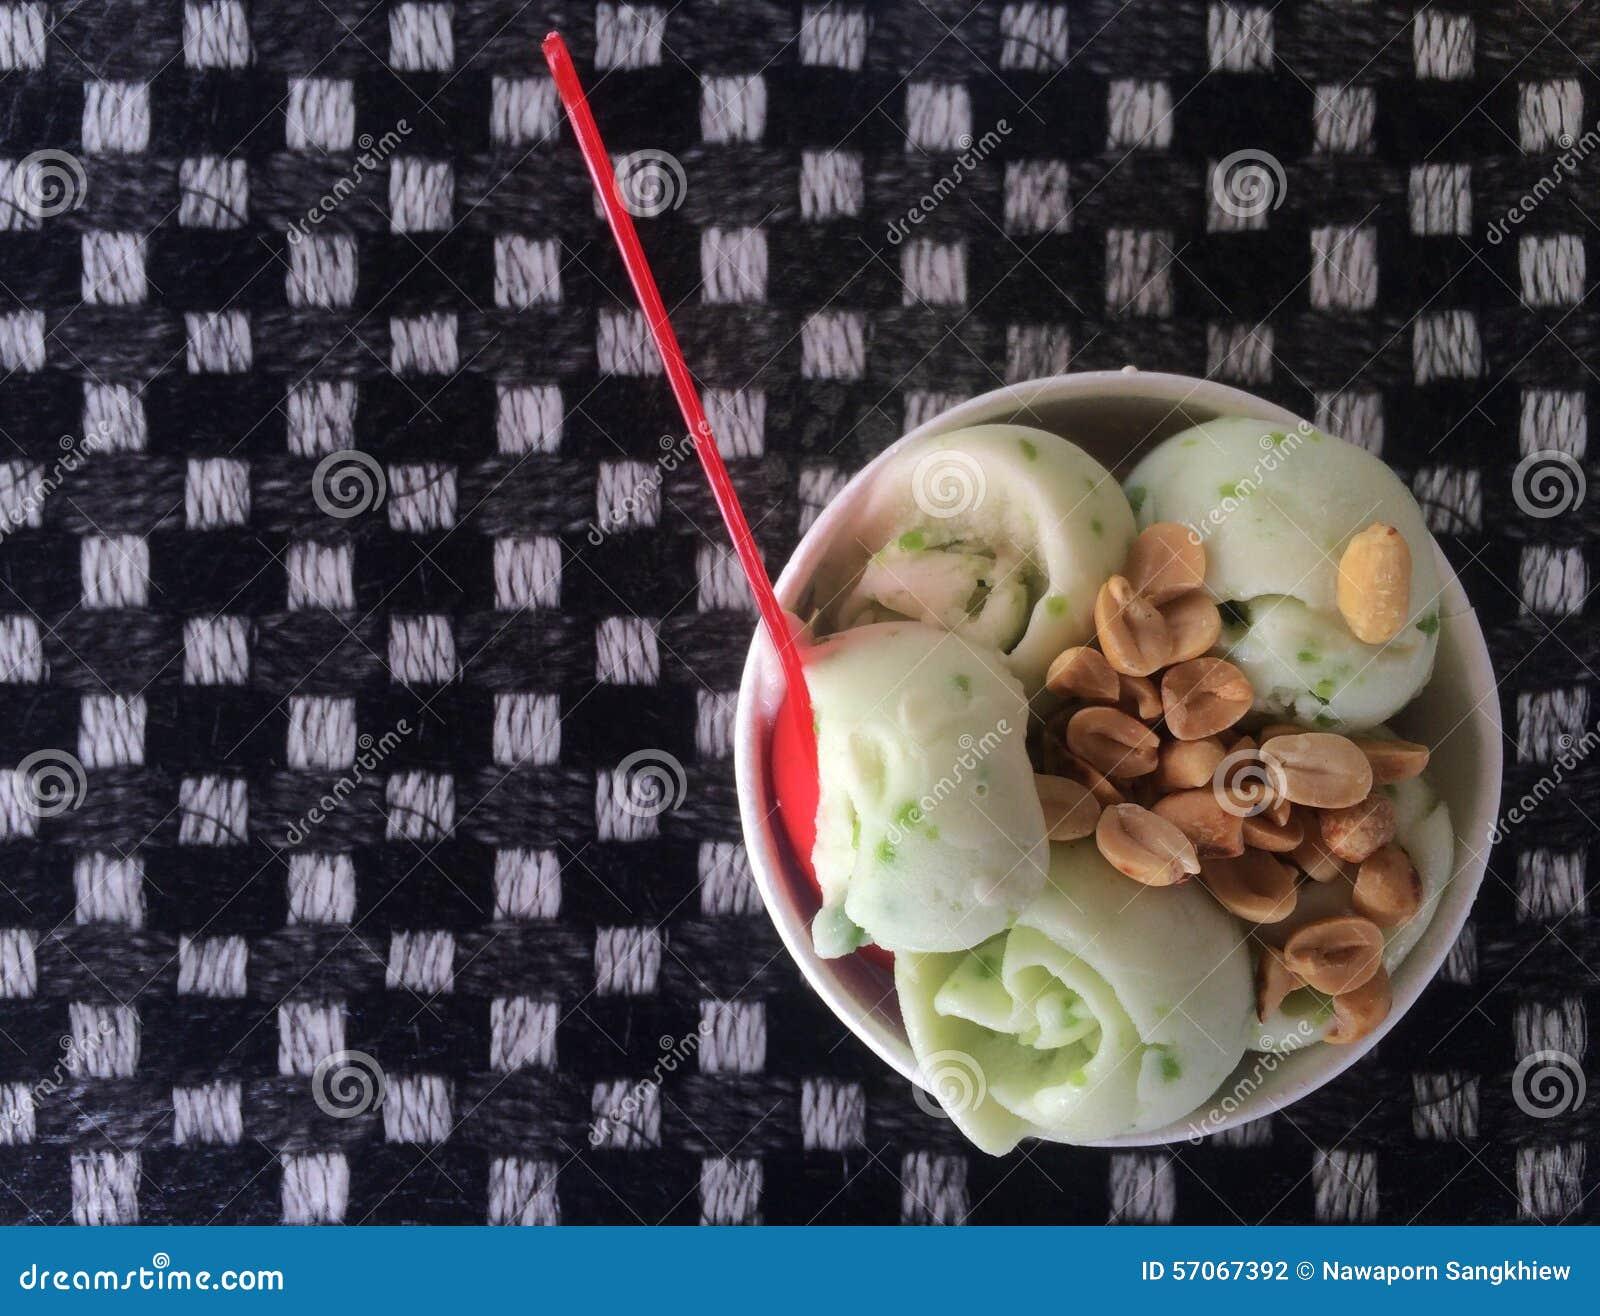 Het roomijskegels van de aardbei, van de chocolade, van de vanille en van de pistache over witte achtergrond